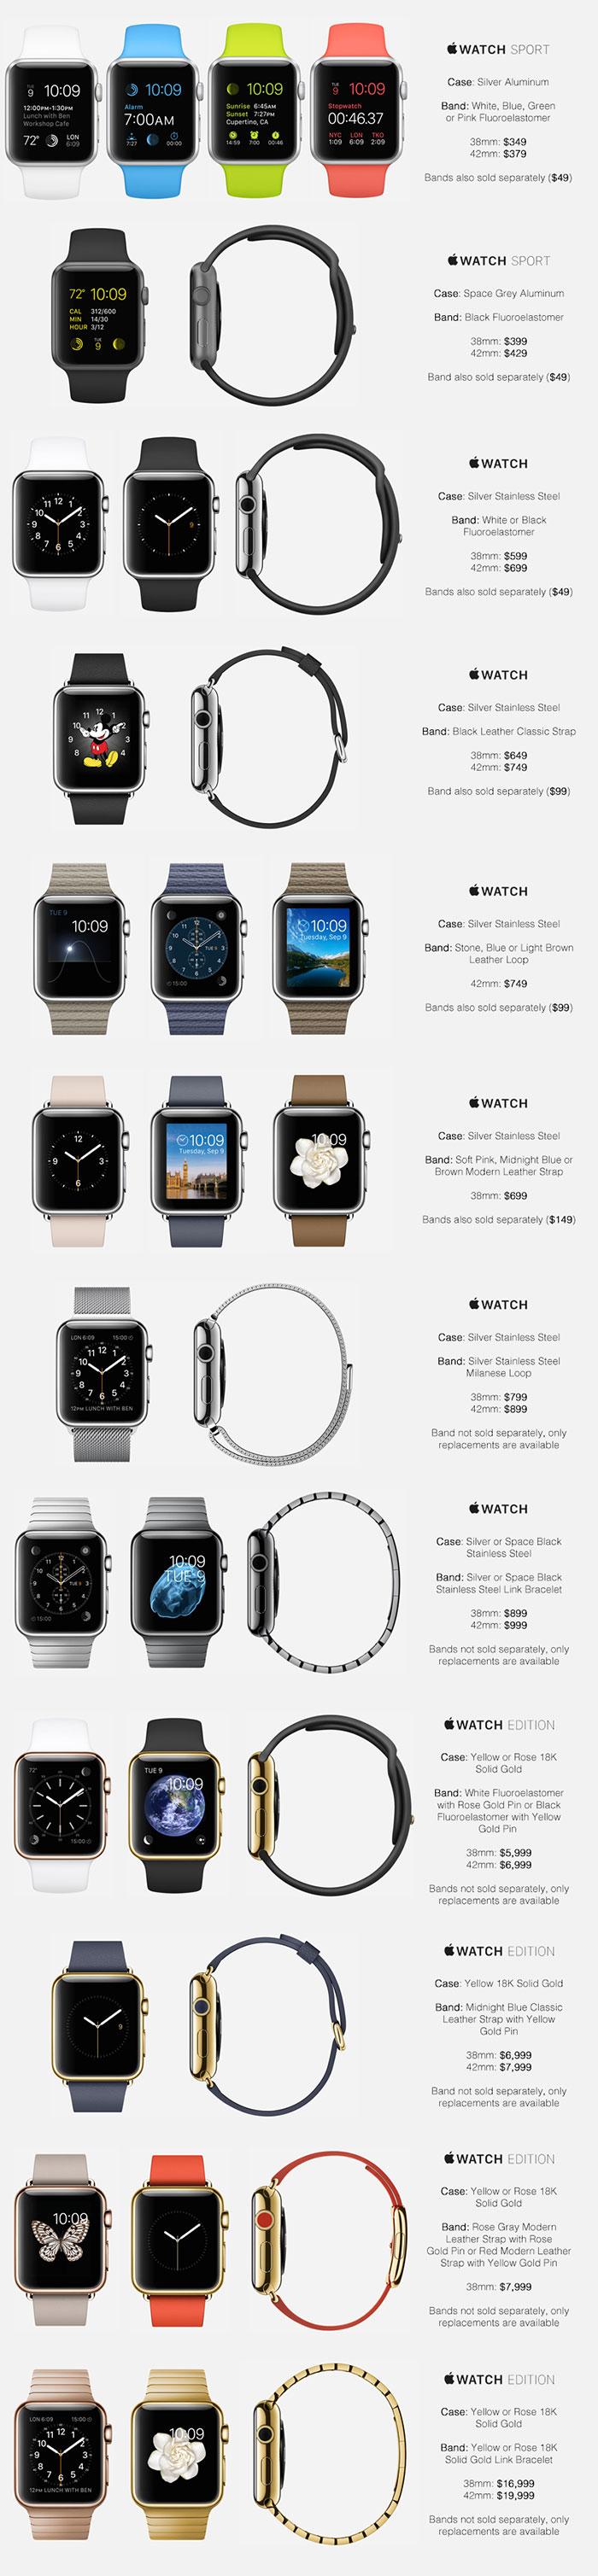 tsena-apple-watch-podrobnyiy-prays-na-vse-modeli